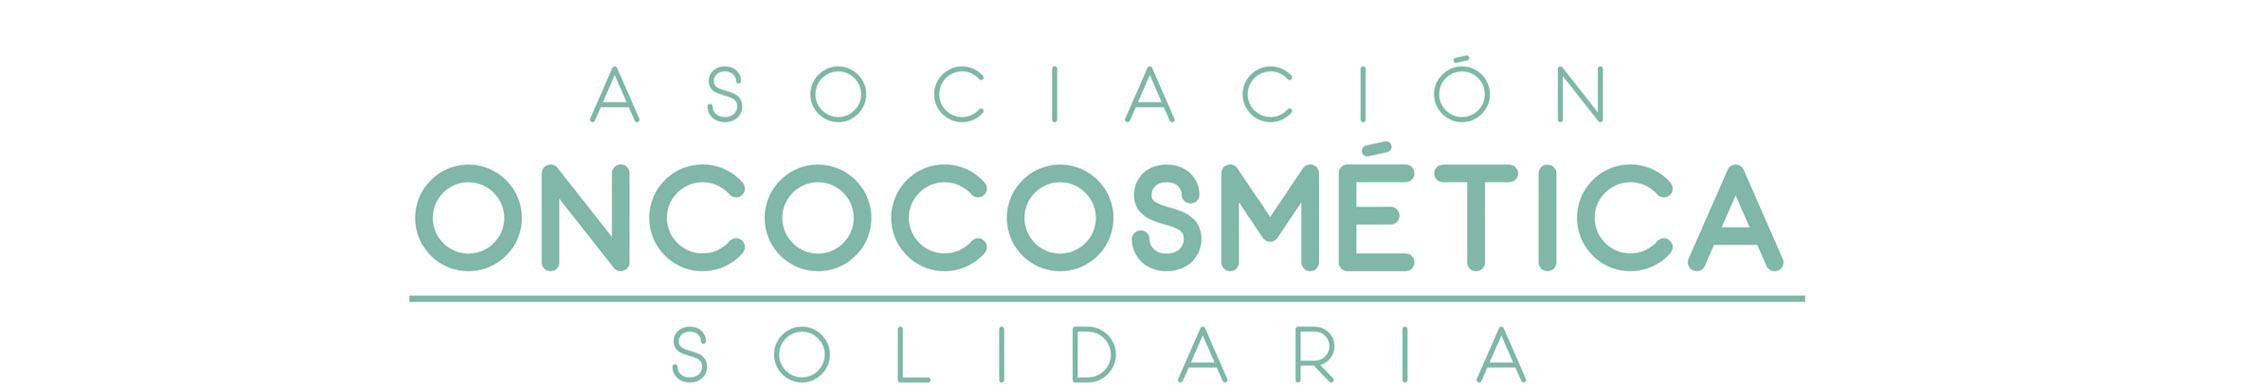 Blog Oncocosmética Solidaria -